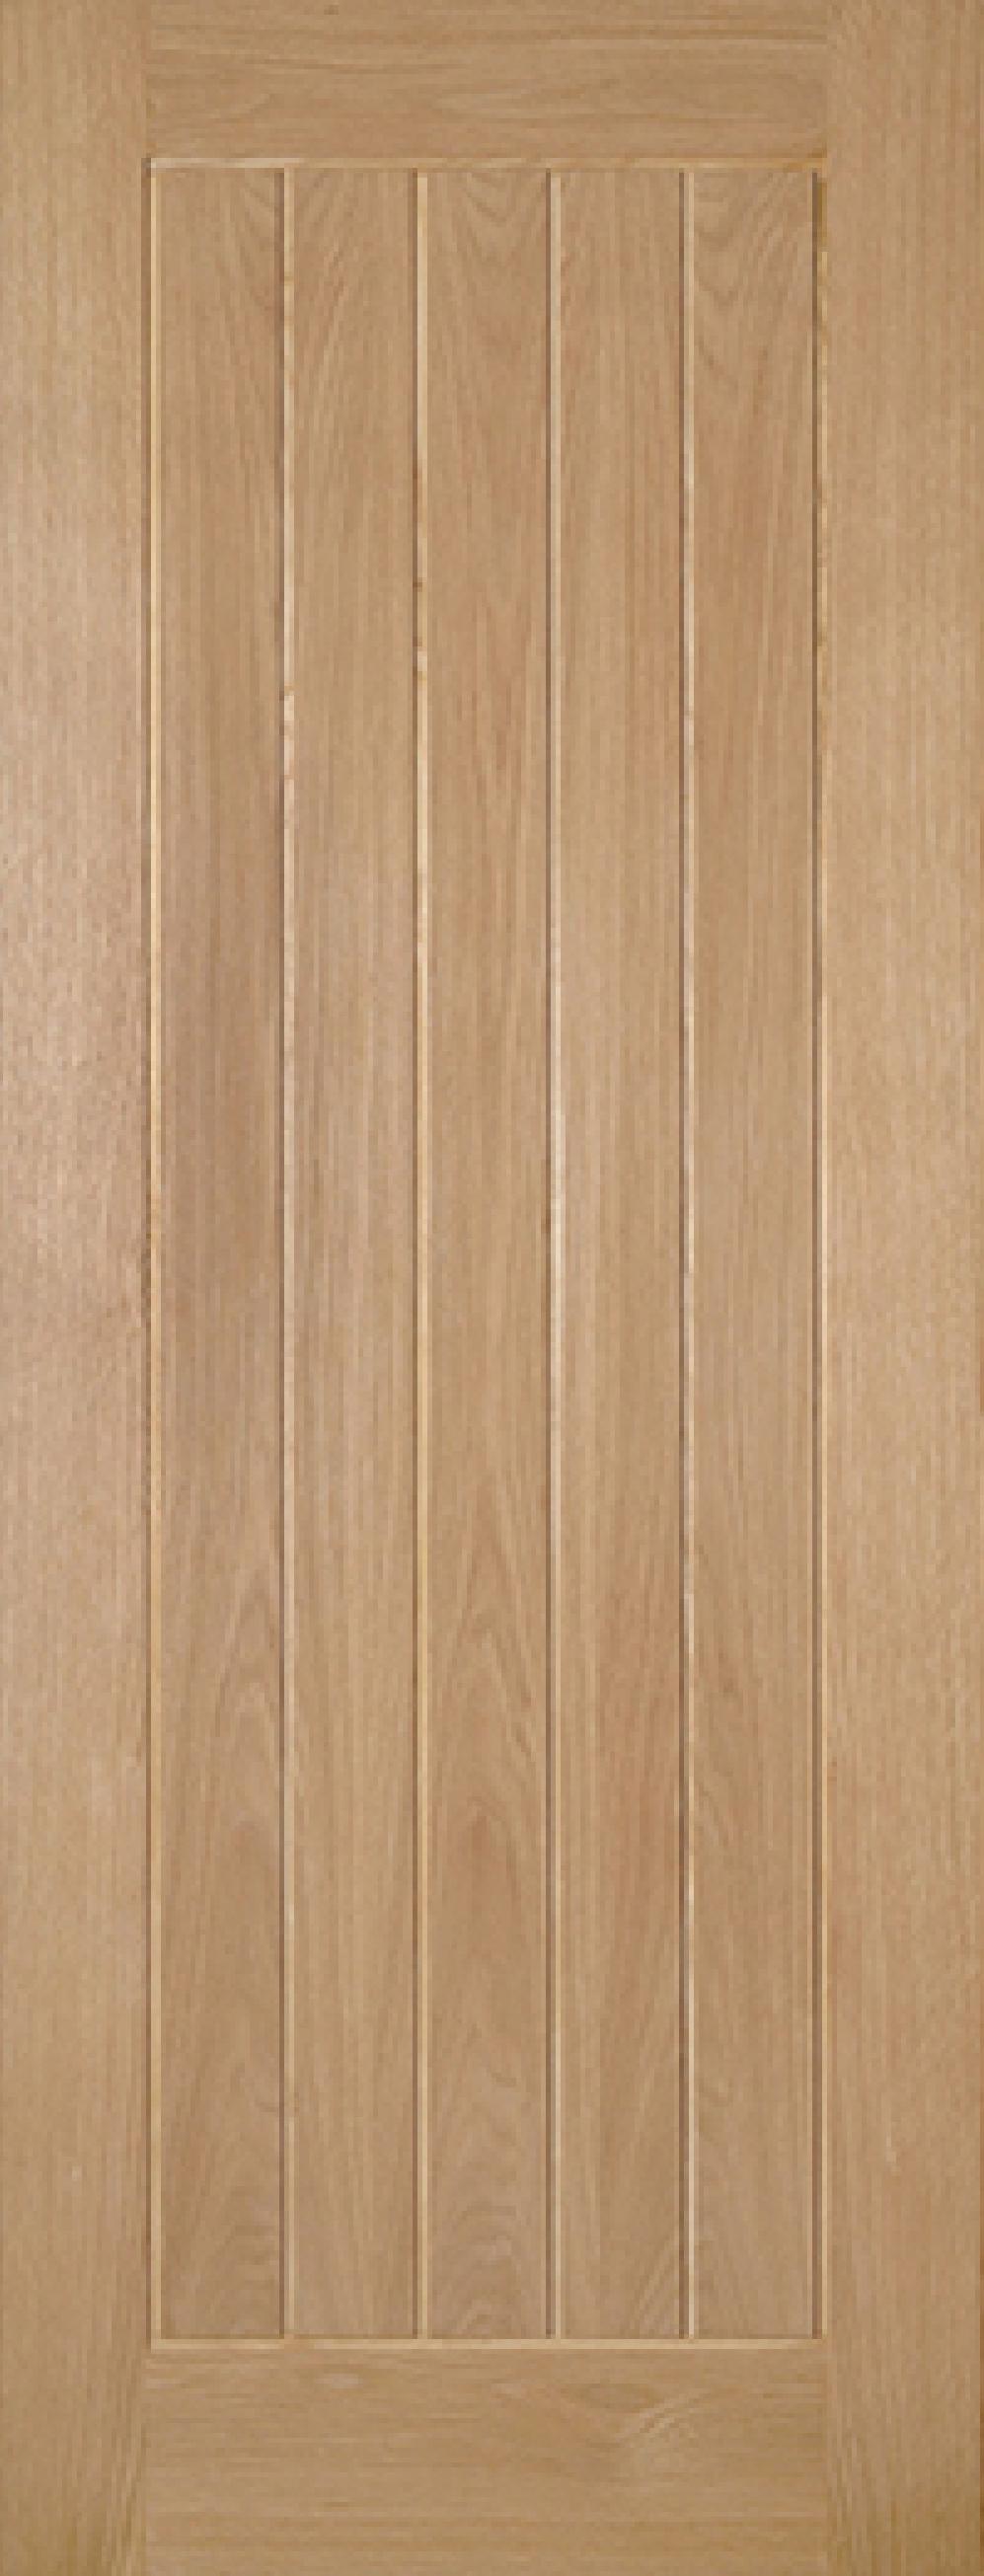 Ely Oak Door Prefinished Oak Internal Doors Vibrant Doors